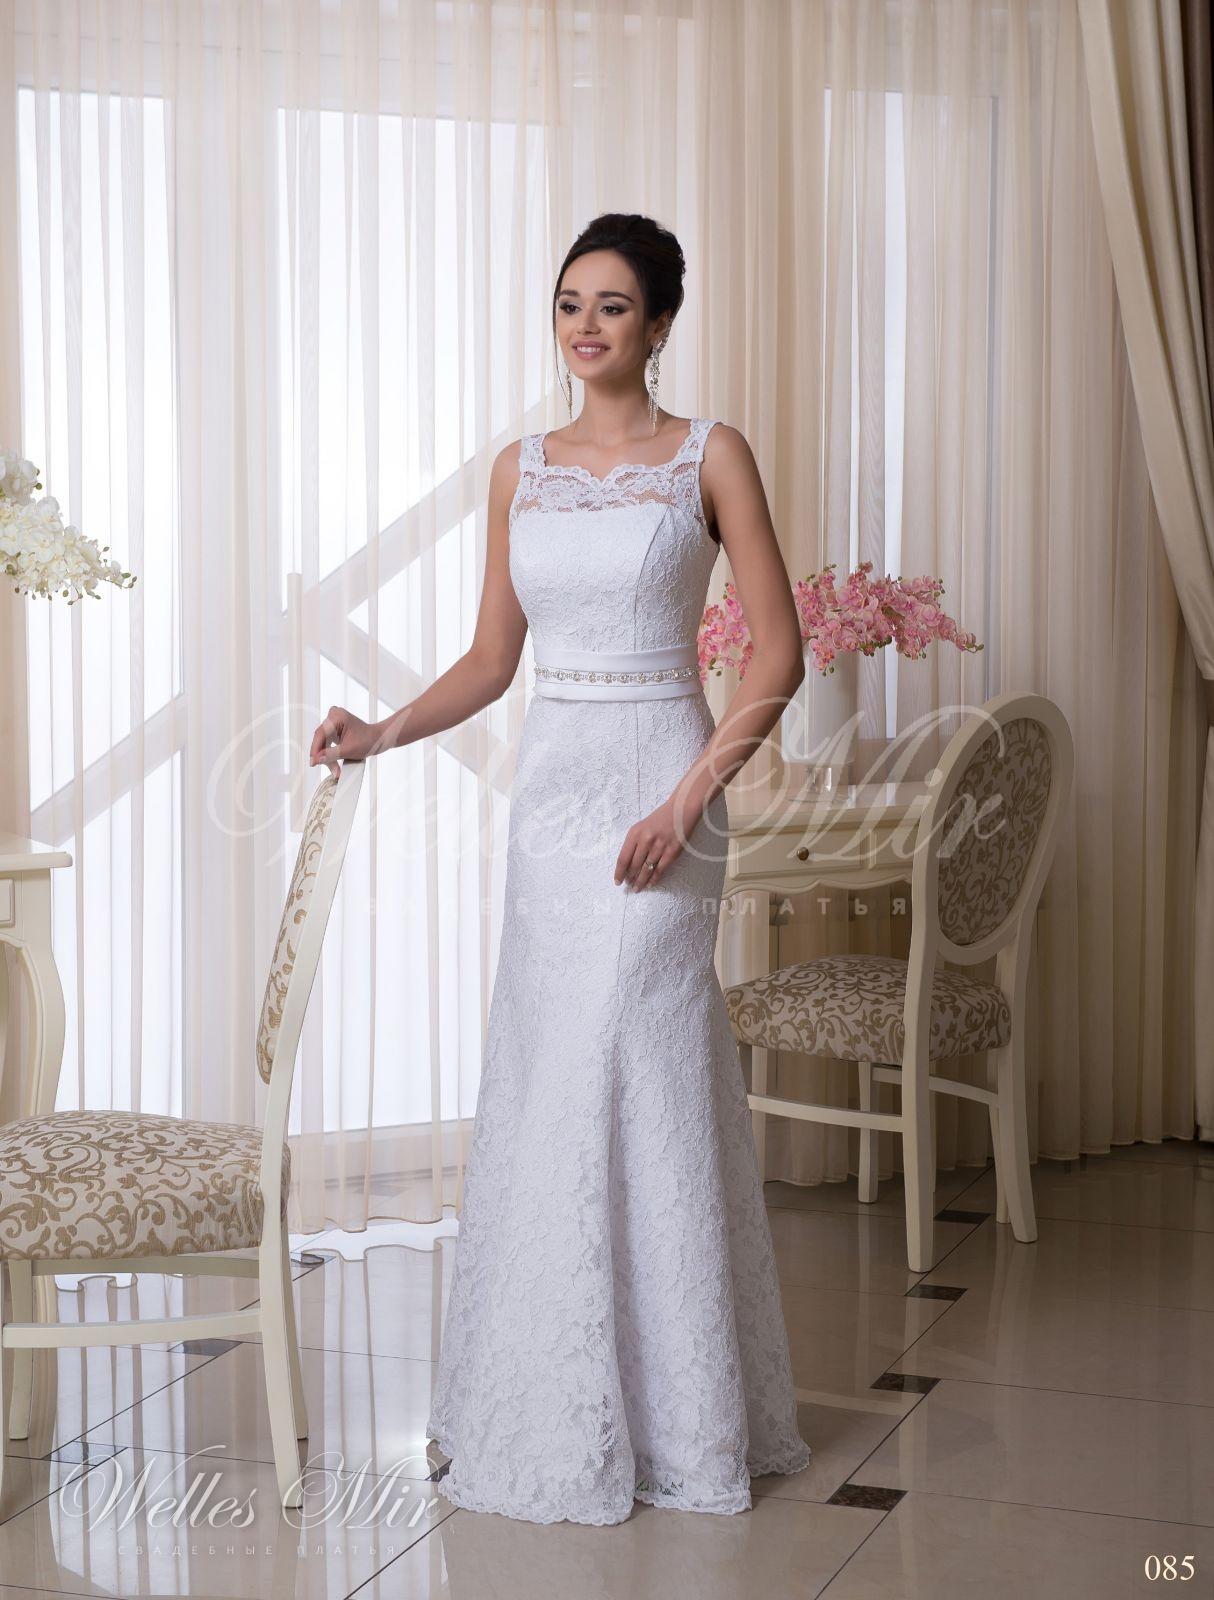 Свадебные платья Charming Elegance - 085